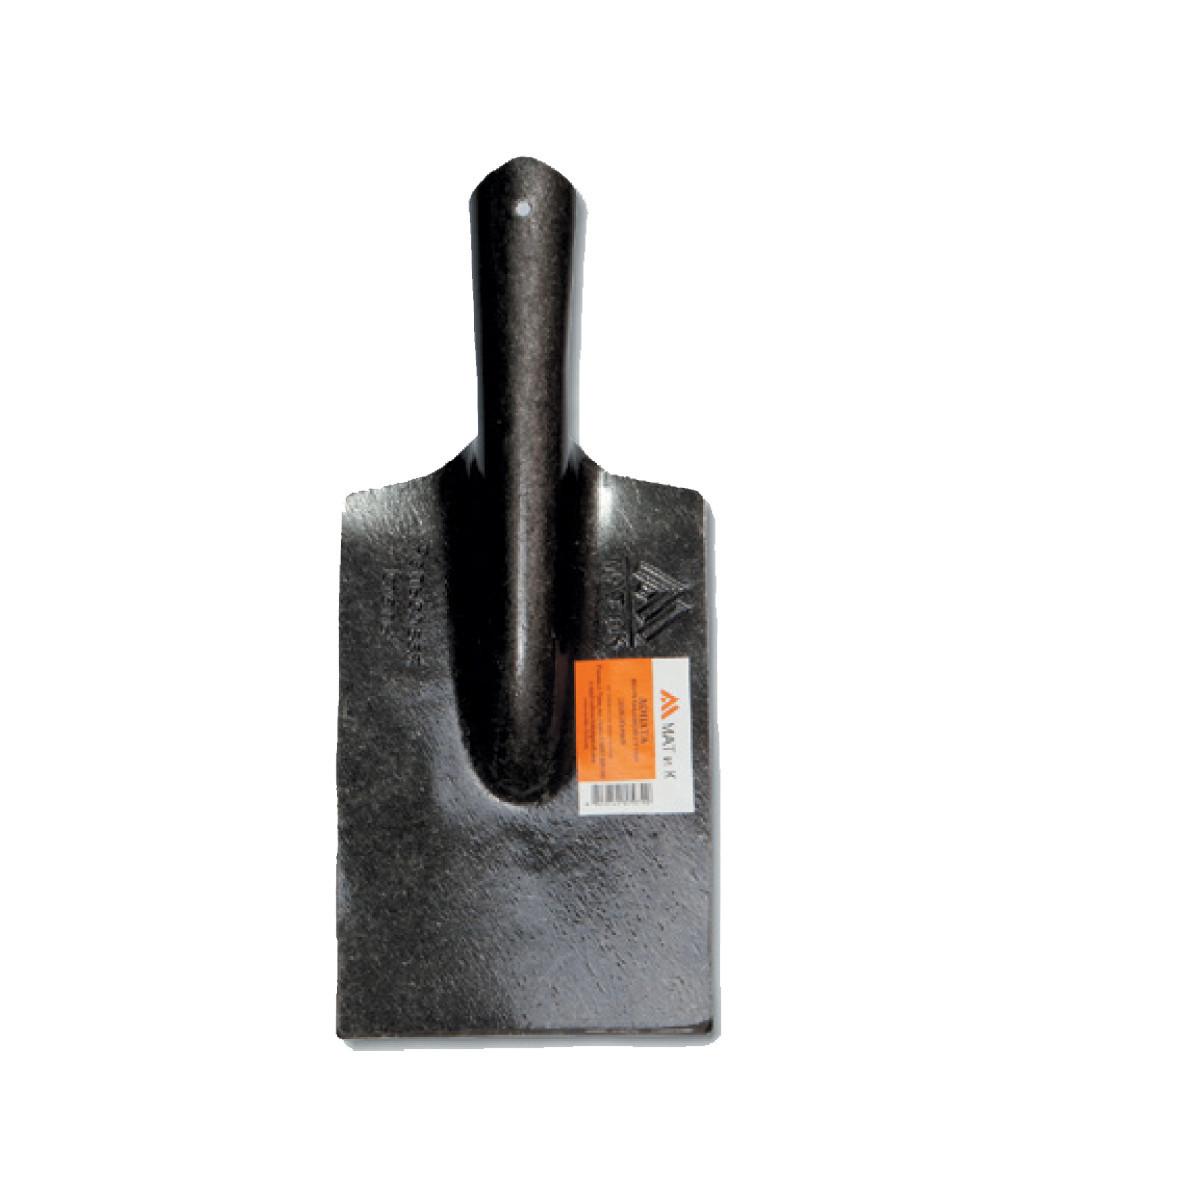 Лопата-ледоруб из рельсовой стали